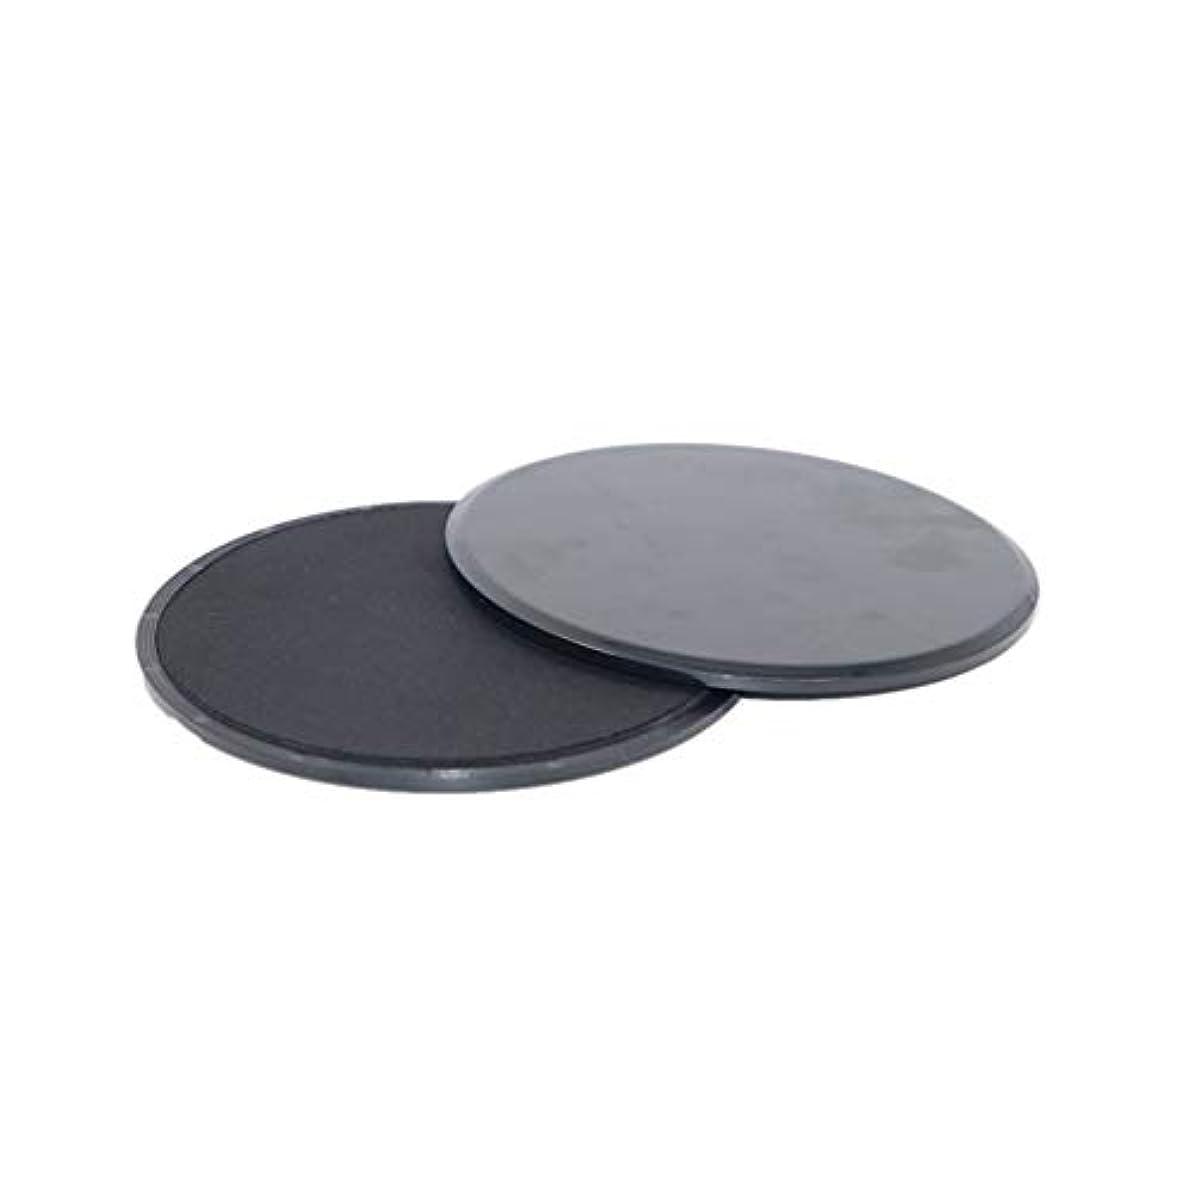 性差別腹部法王フィットネススライドグライディングディスク調整能力フィットネスエクササイズスライダーコアトレーニング腹部と全身トレーニング用 - ブラック